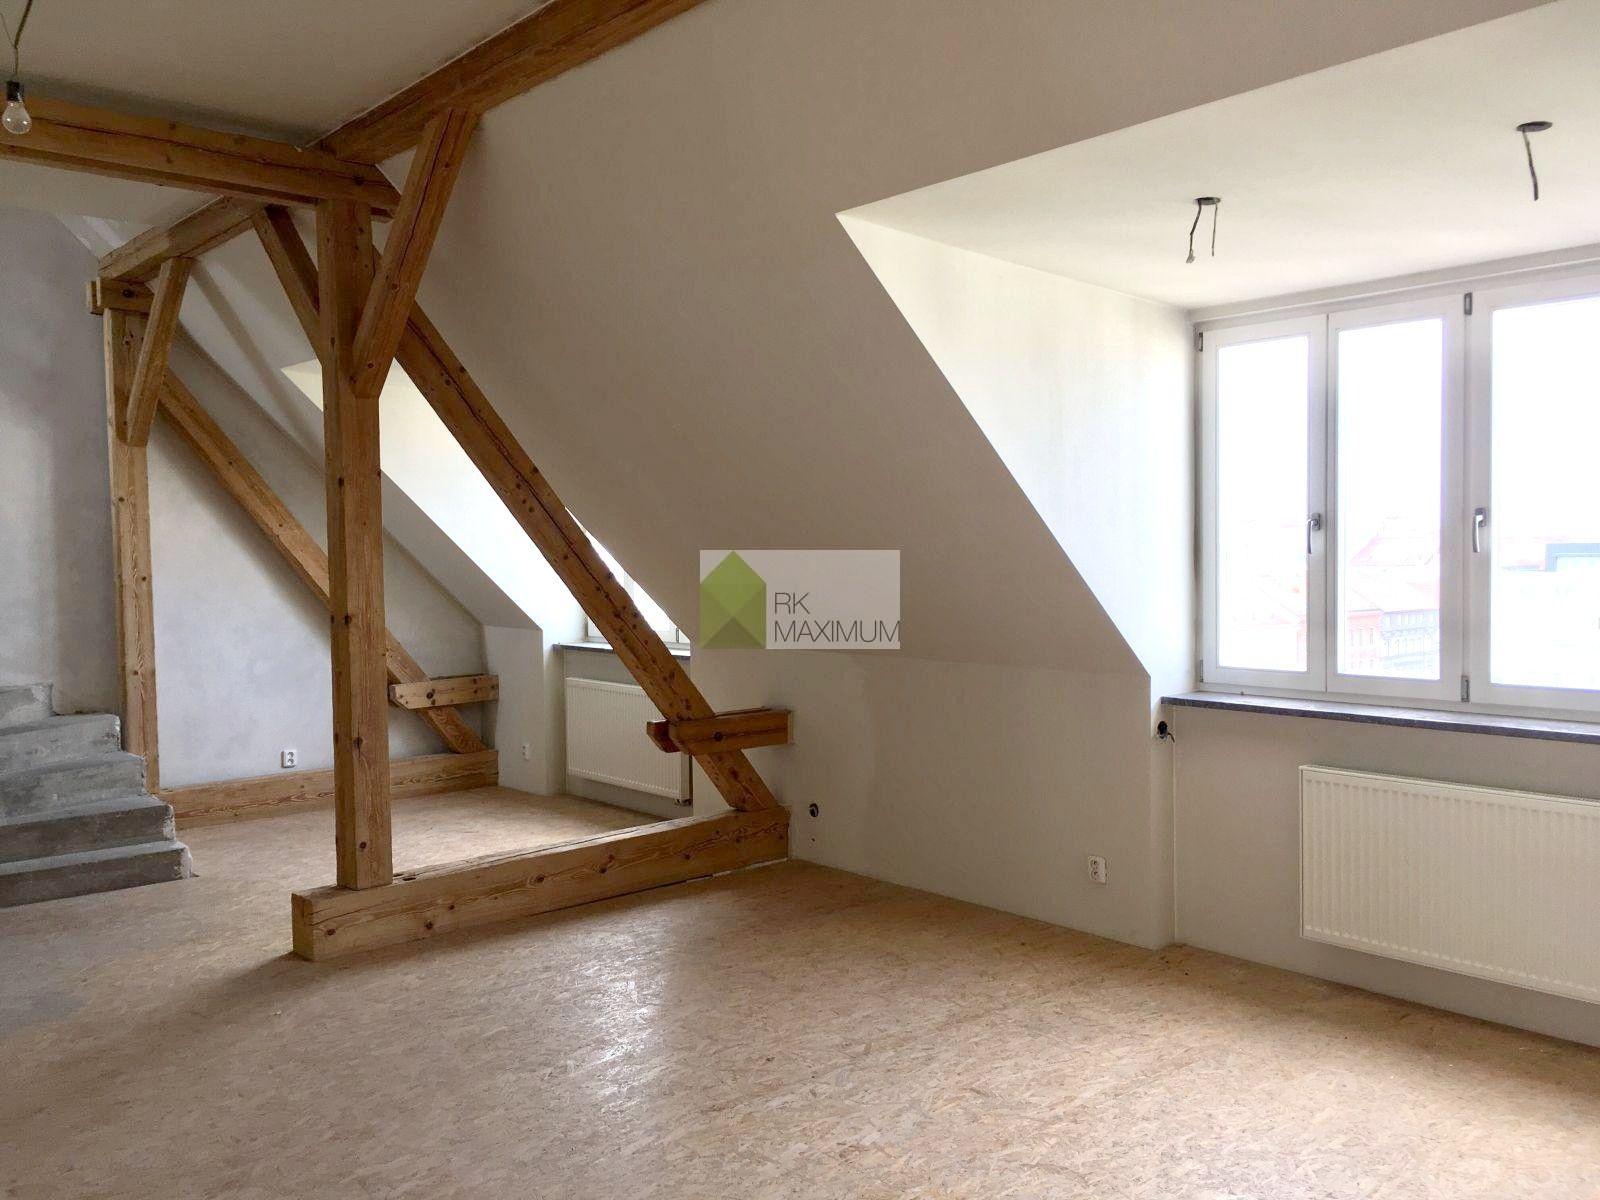 Byt 5+1 před dokončením,  226 m2 + terasa 18 m2 + sklep 7 m2